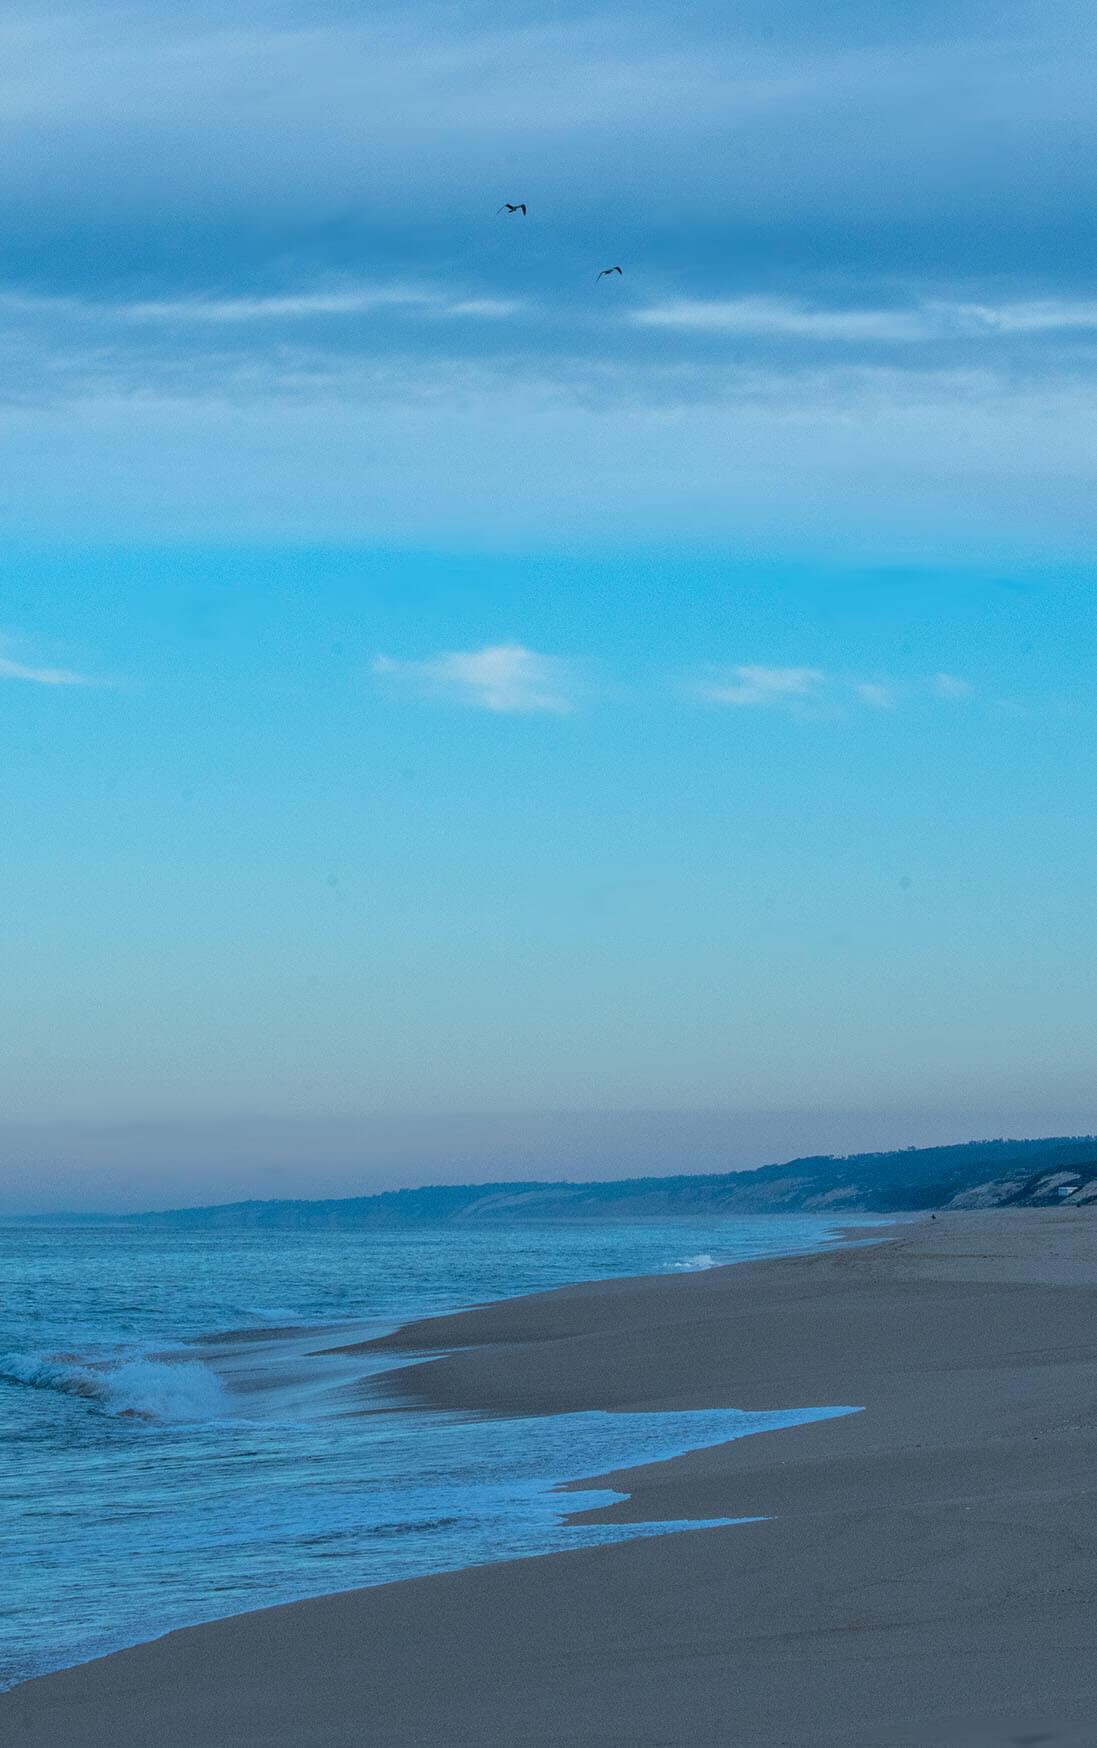 sunrise photography seashore